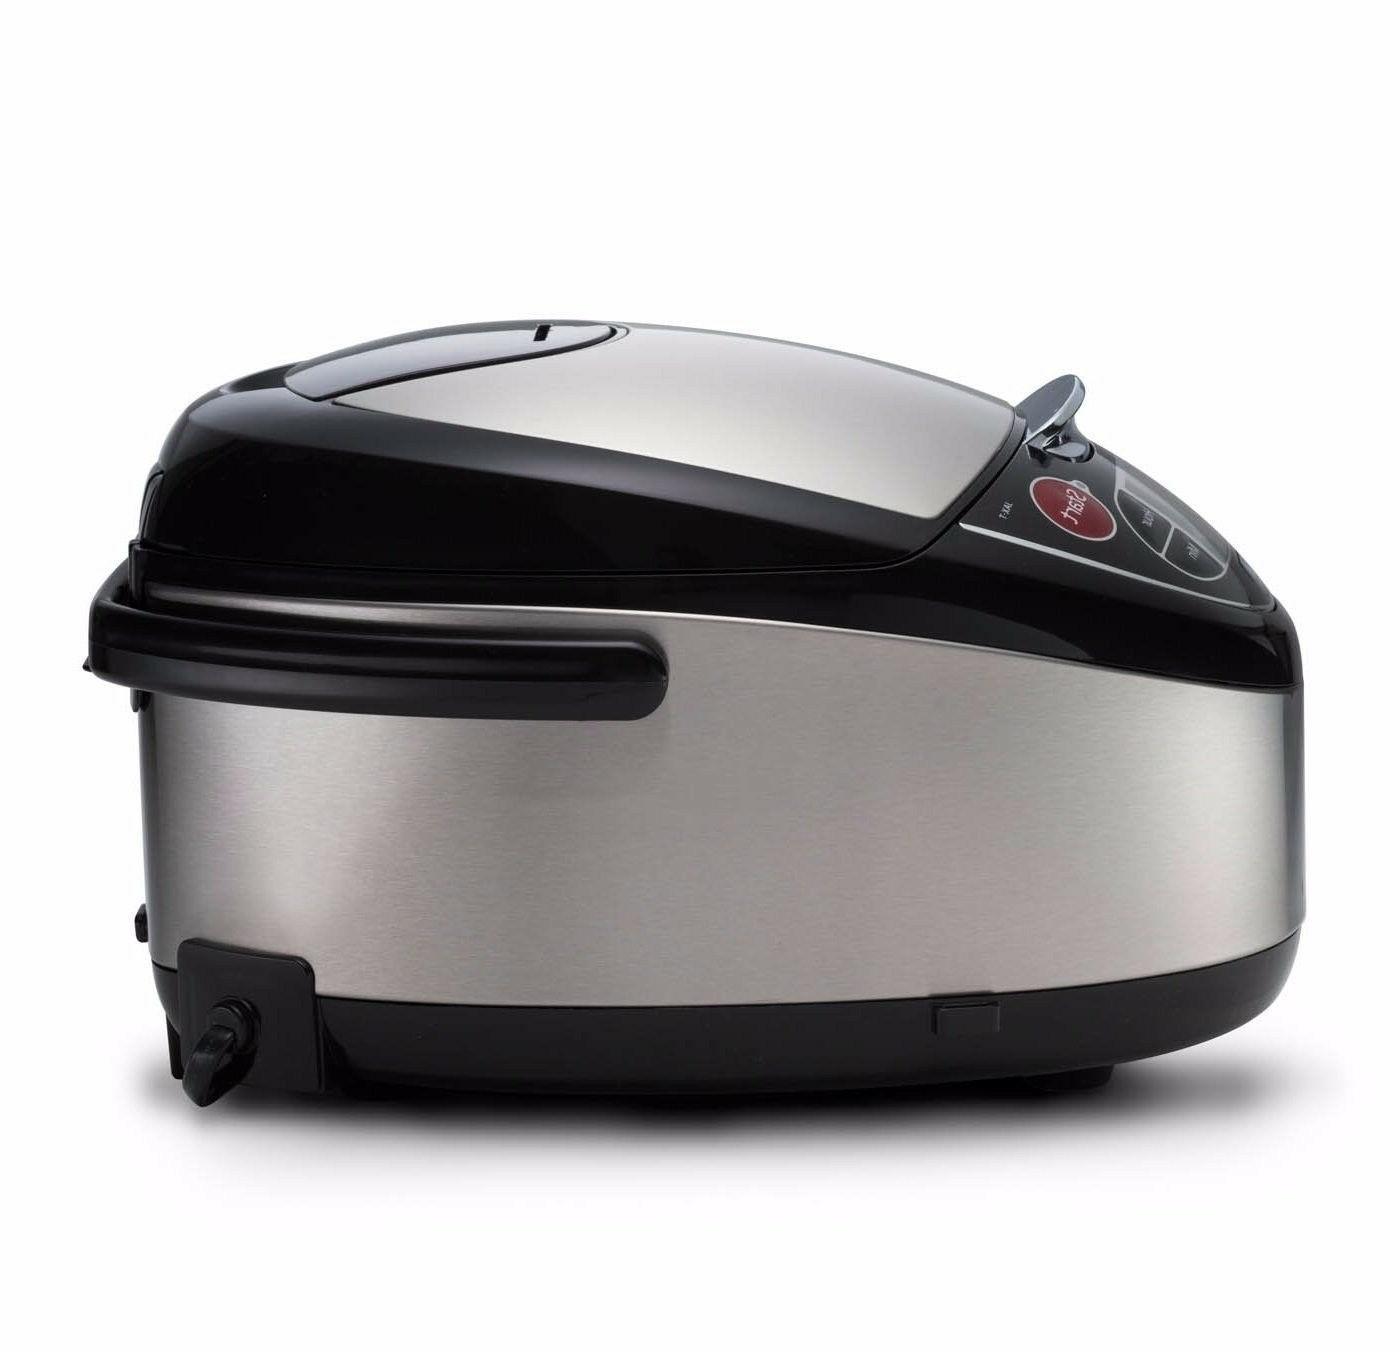 Cooker Steamer & Cooker Black